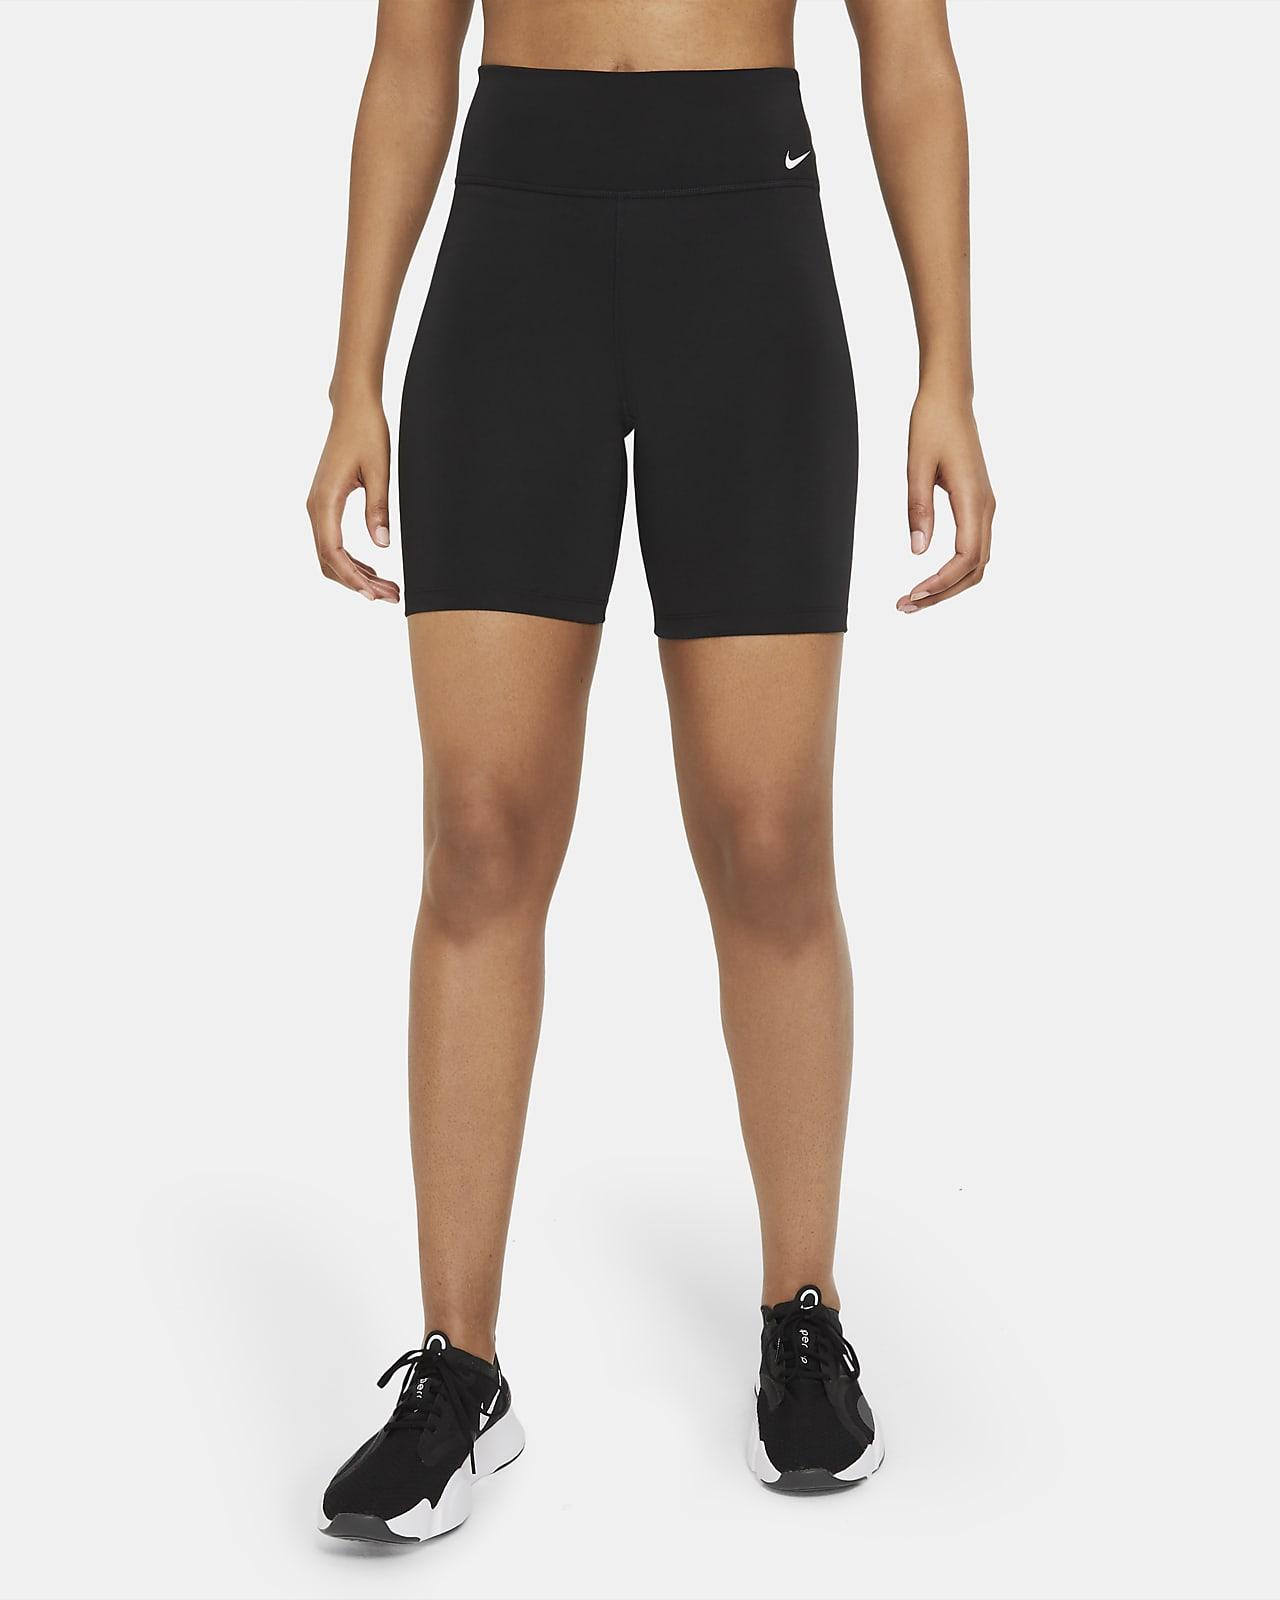 Женские велошорты со средней посадкой Nike One 18 см